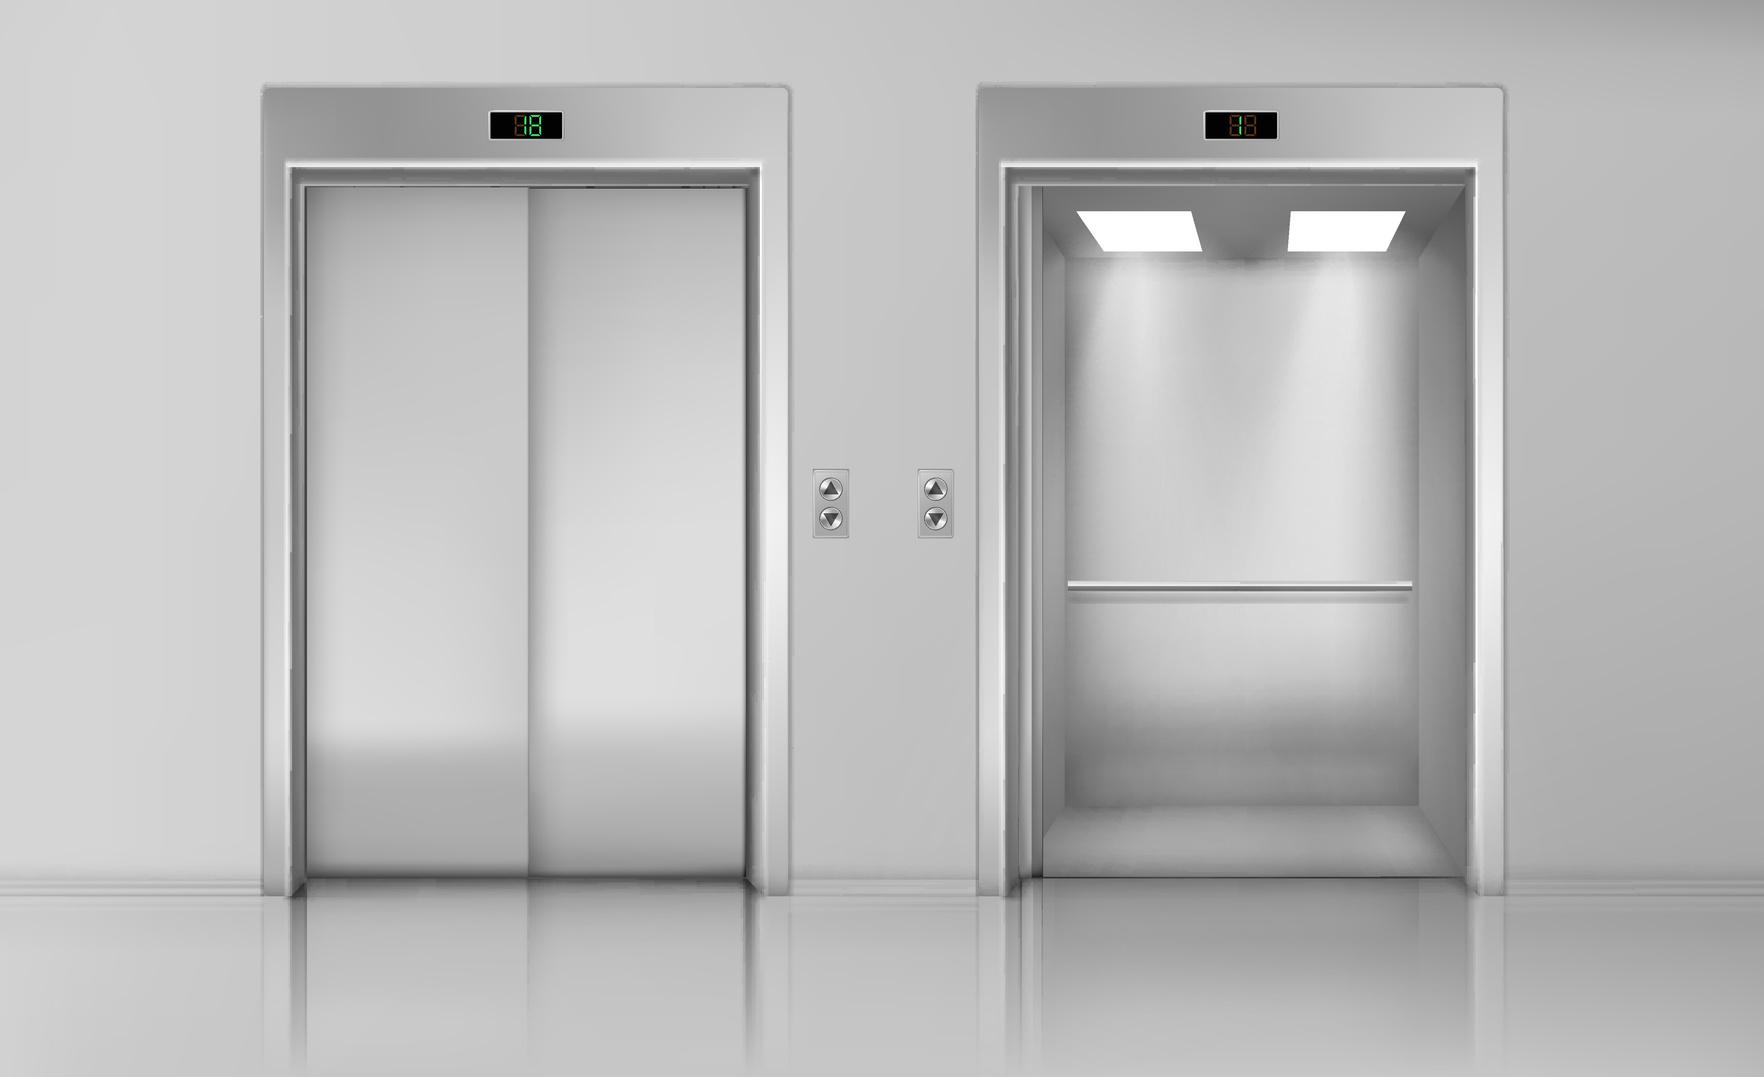 エレベーターでの優先度